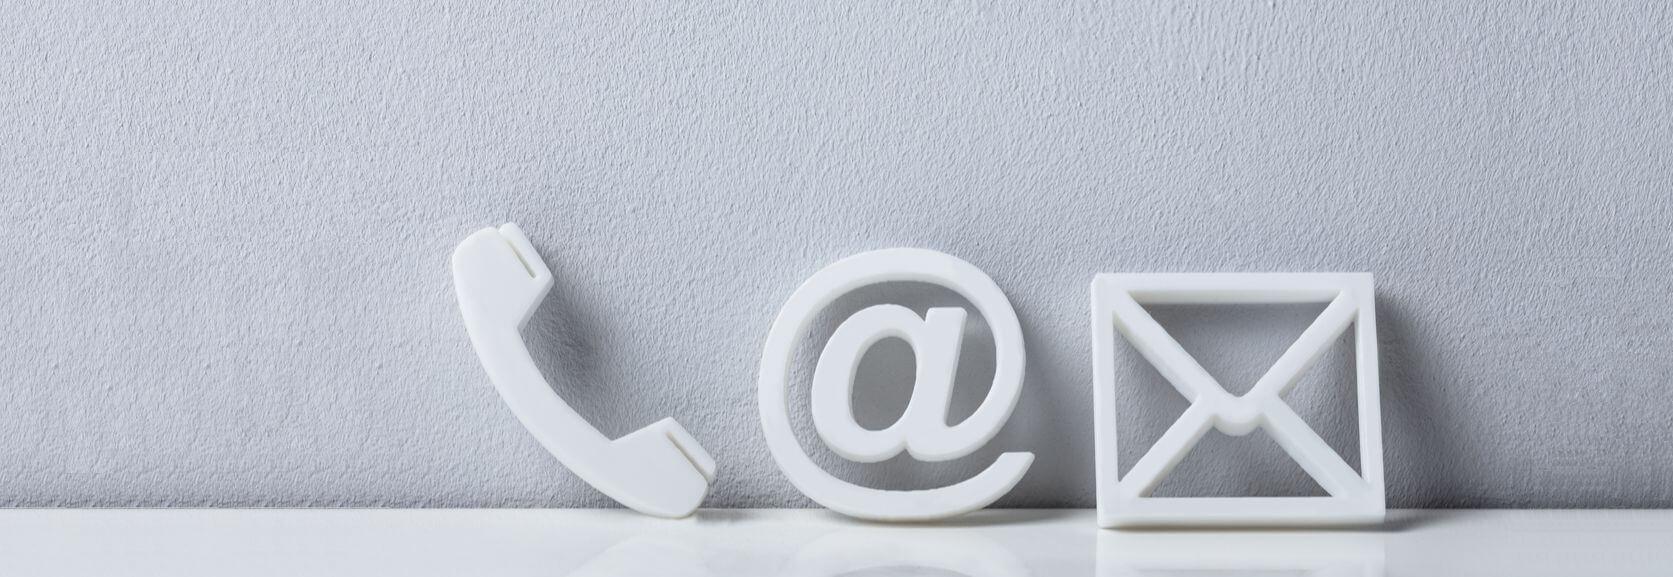 Kontaktformular zu Neuwagenkaufonline24